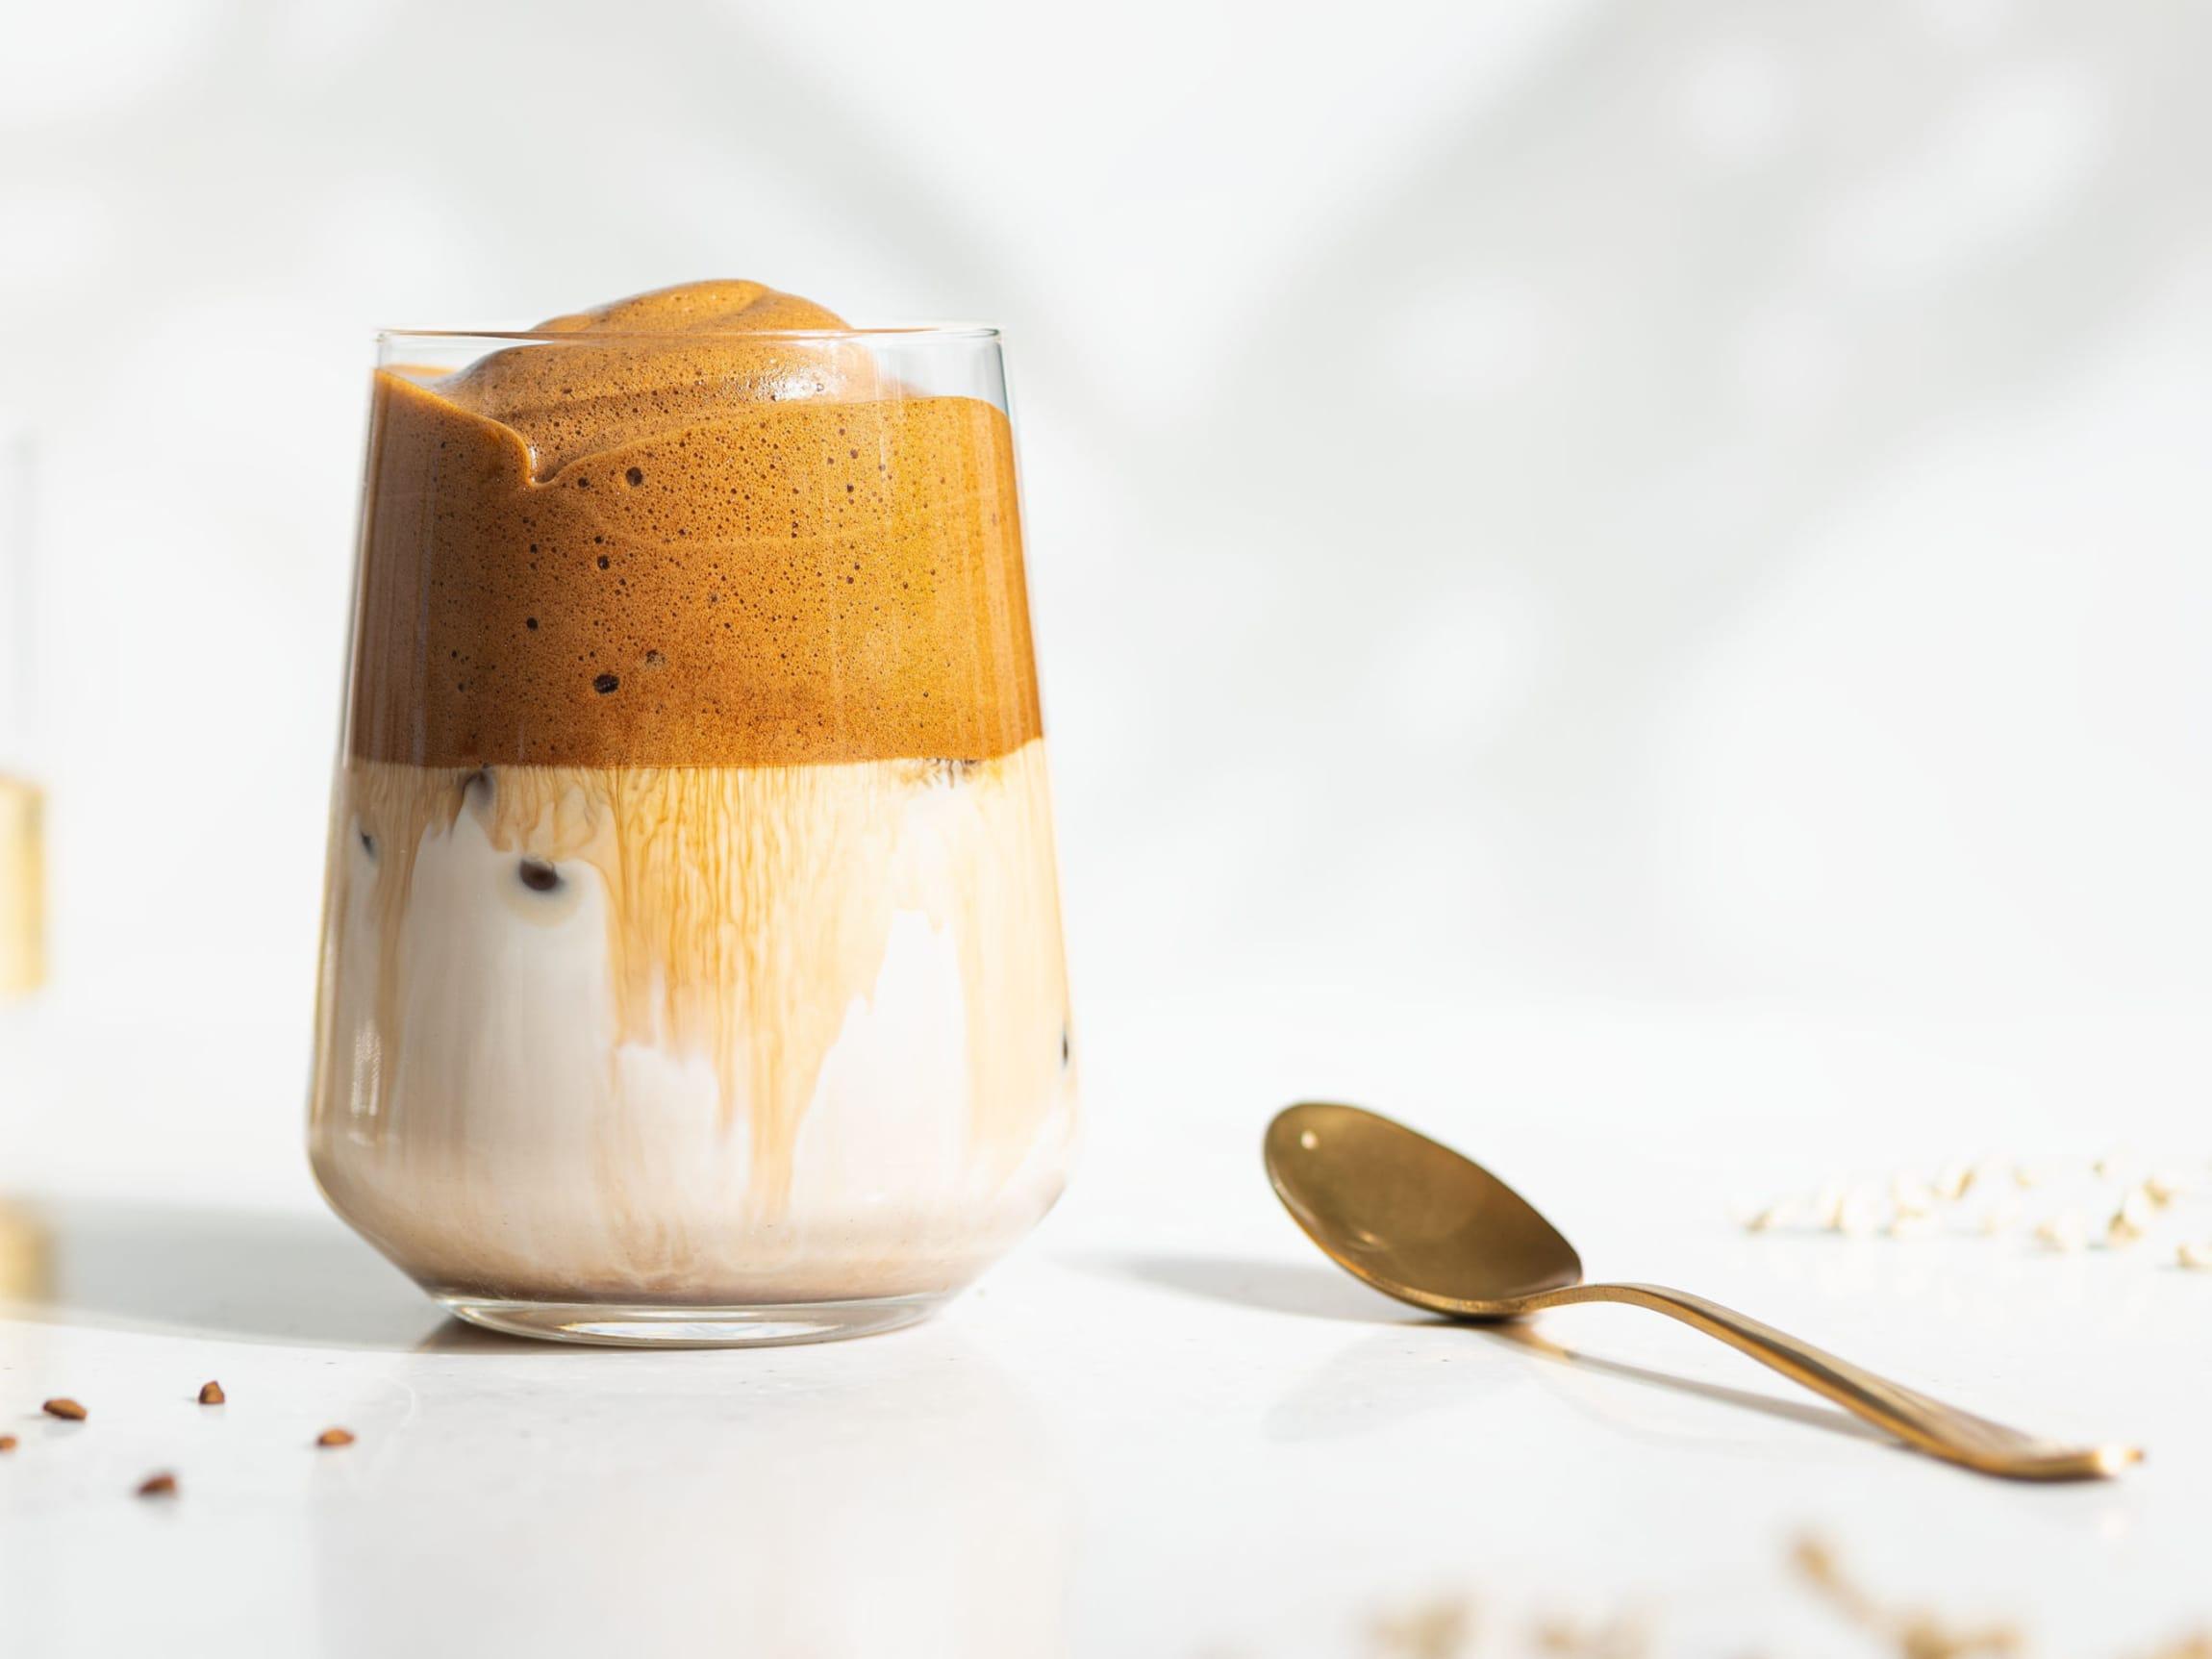 En av de store kaffetrendene på hjemmekontoret var Dalgona-kaffe, men det var hele kaffebønner, kapsler og espresso som hadde størst vekst med 30-40%.